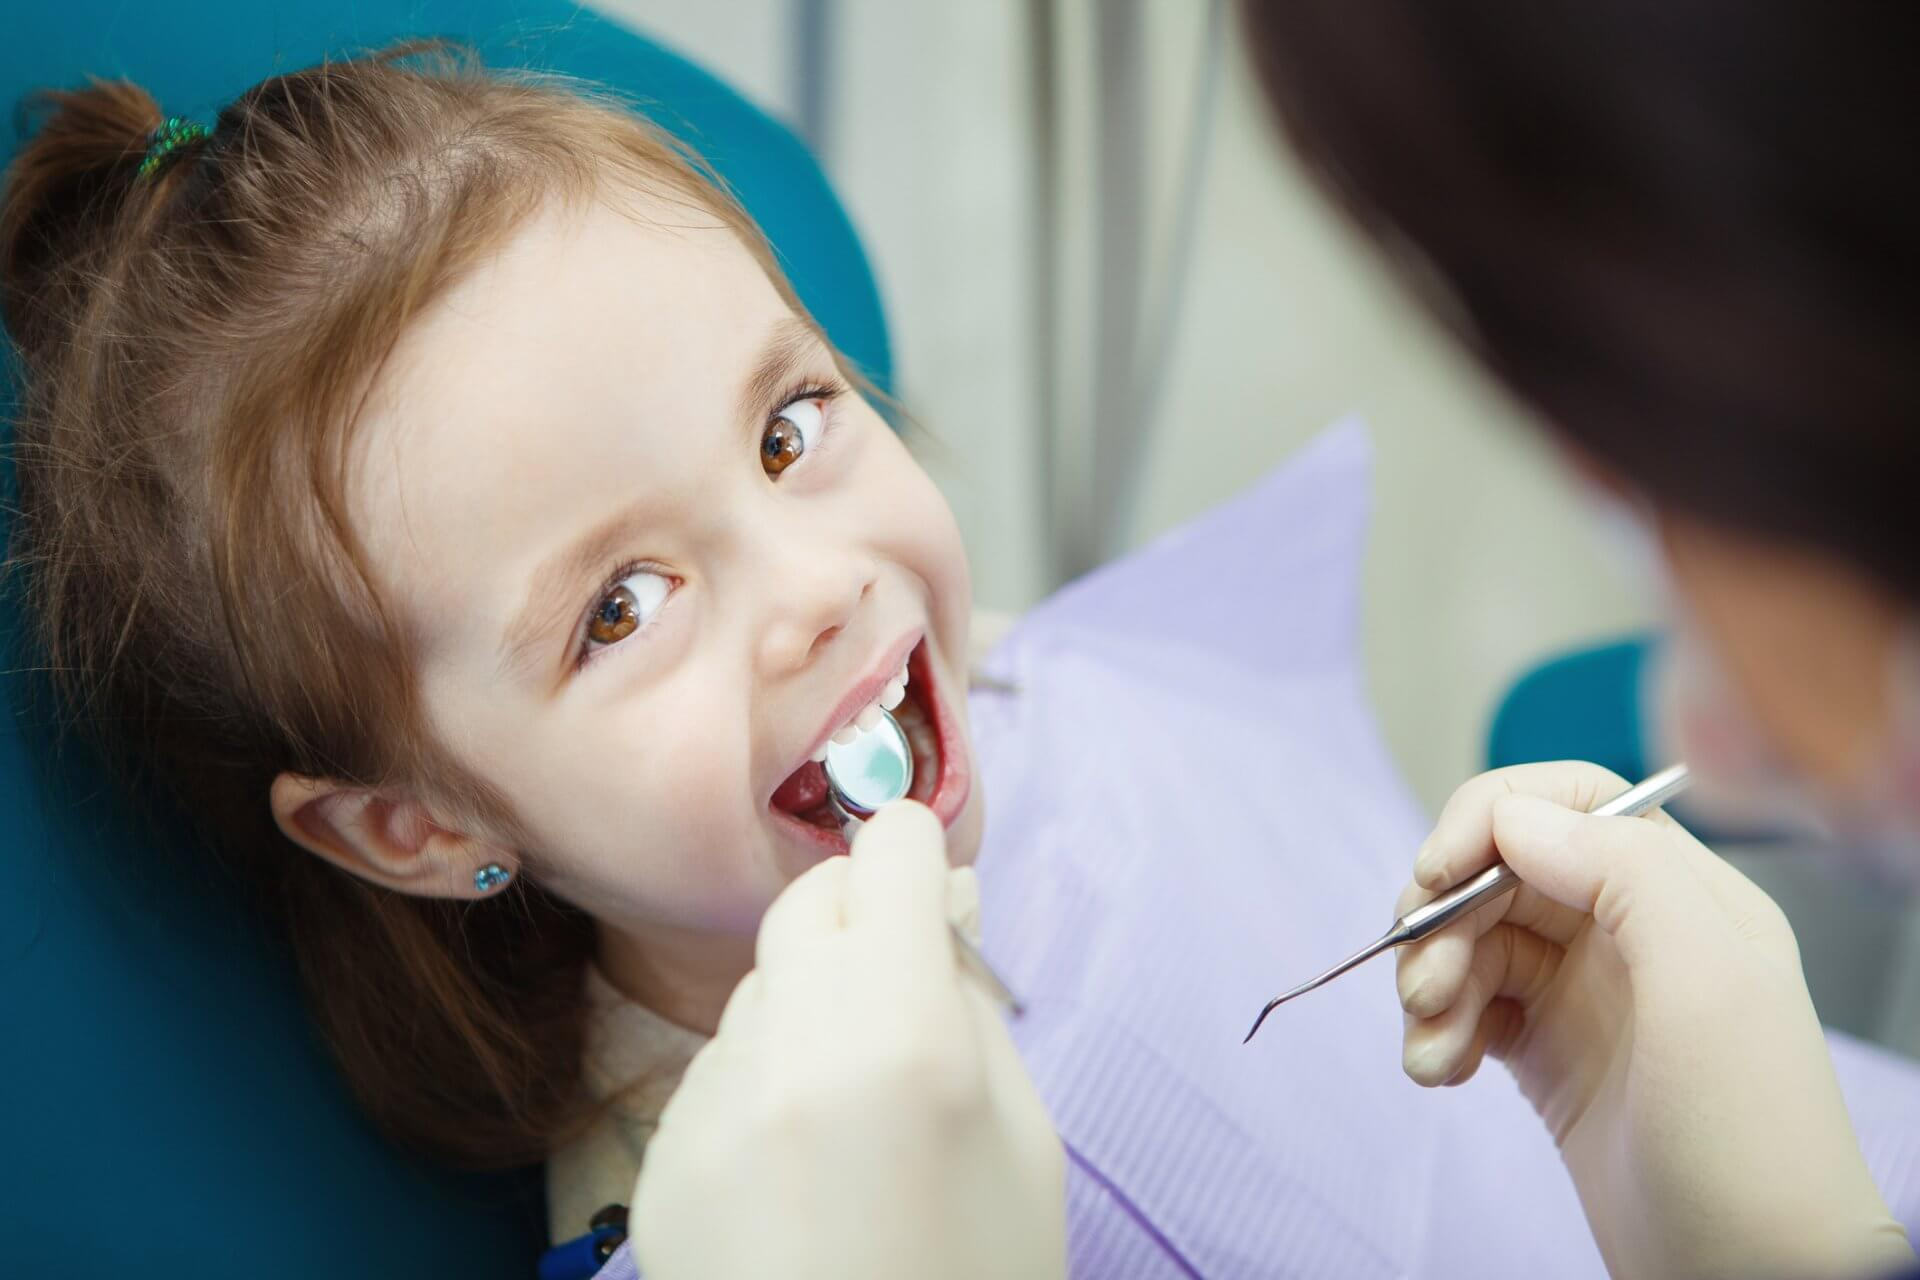 Clinica Odontoiatrica situata tra Novara e Varese | Odontoiatria Pediatrica